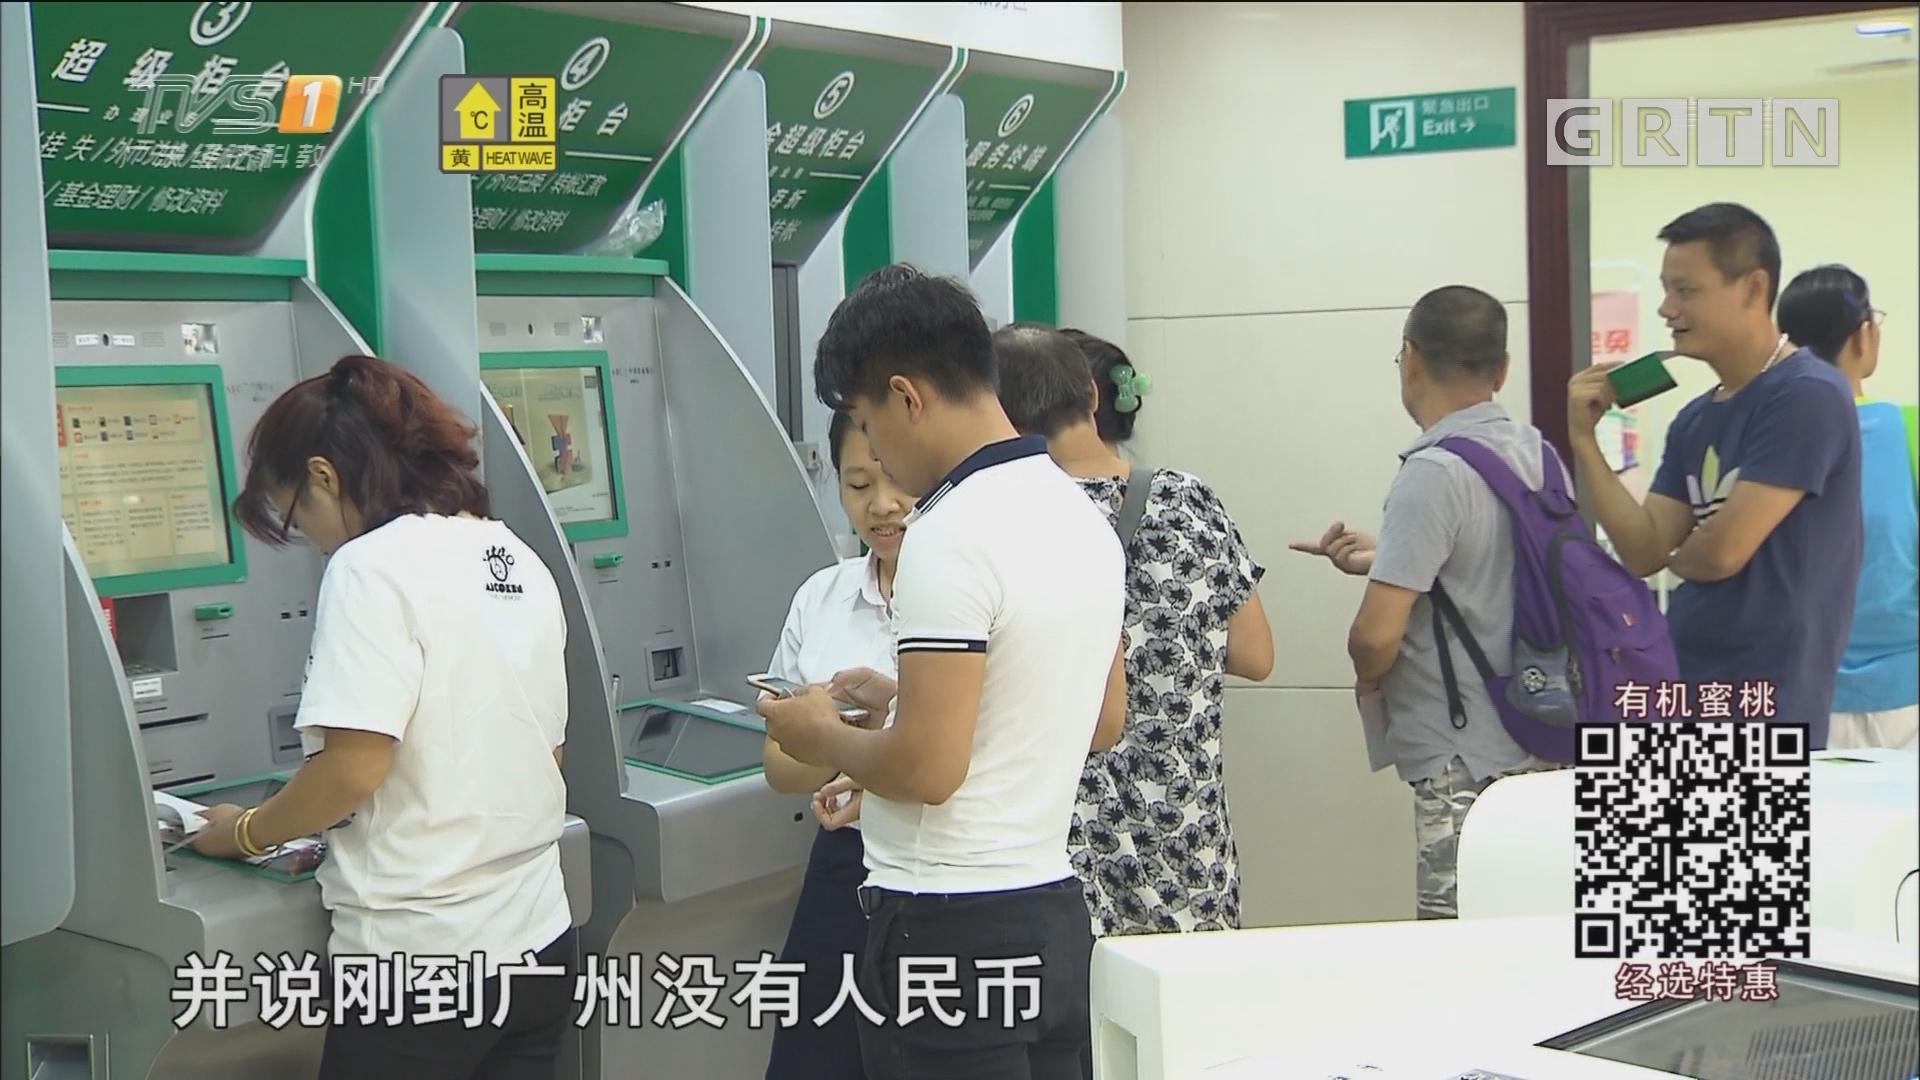 警方发布:提防诈骗新花样 陌生人借钱不要给!